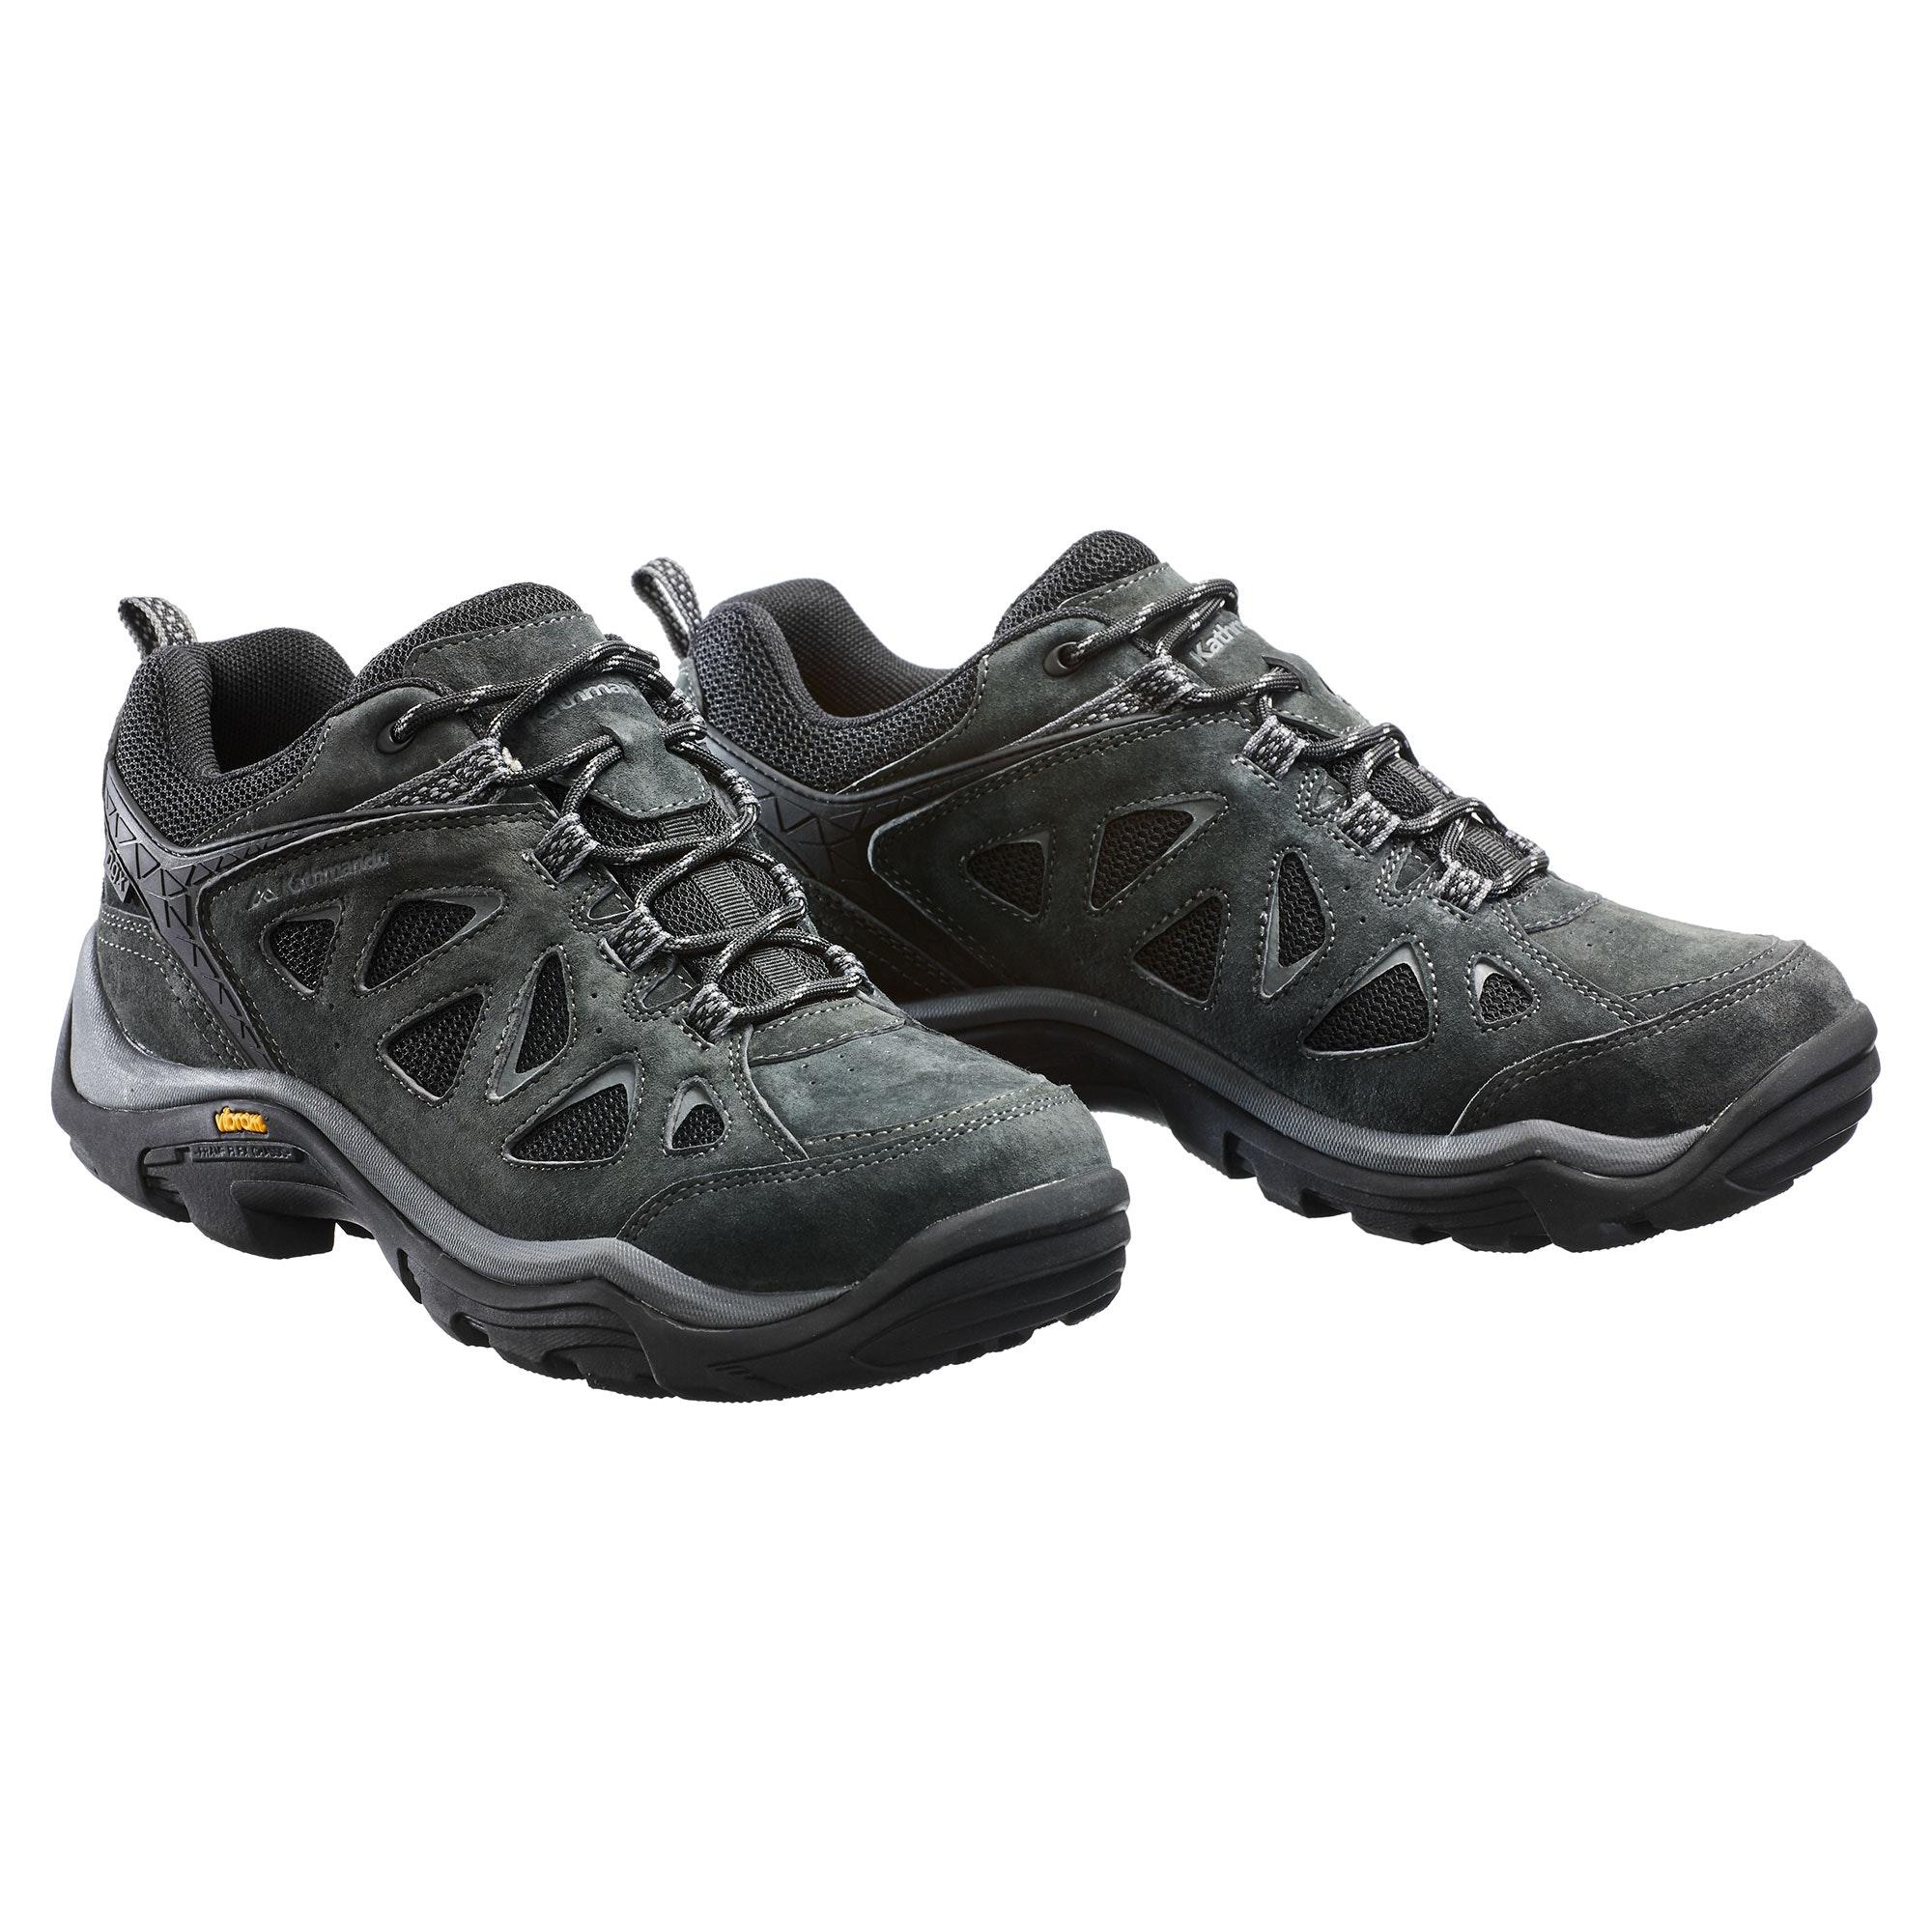 NEW-Kathmandu-Sandover-Men-ngx-Hiking-Shoes-Waterproof-Breathable-Liner-Vibram thumbnail 5